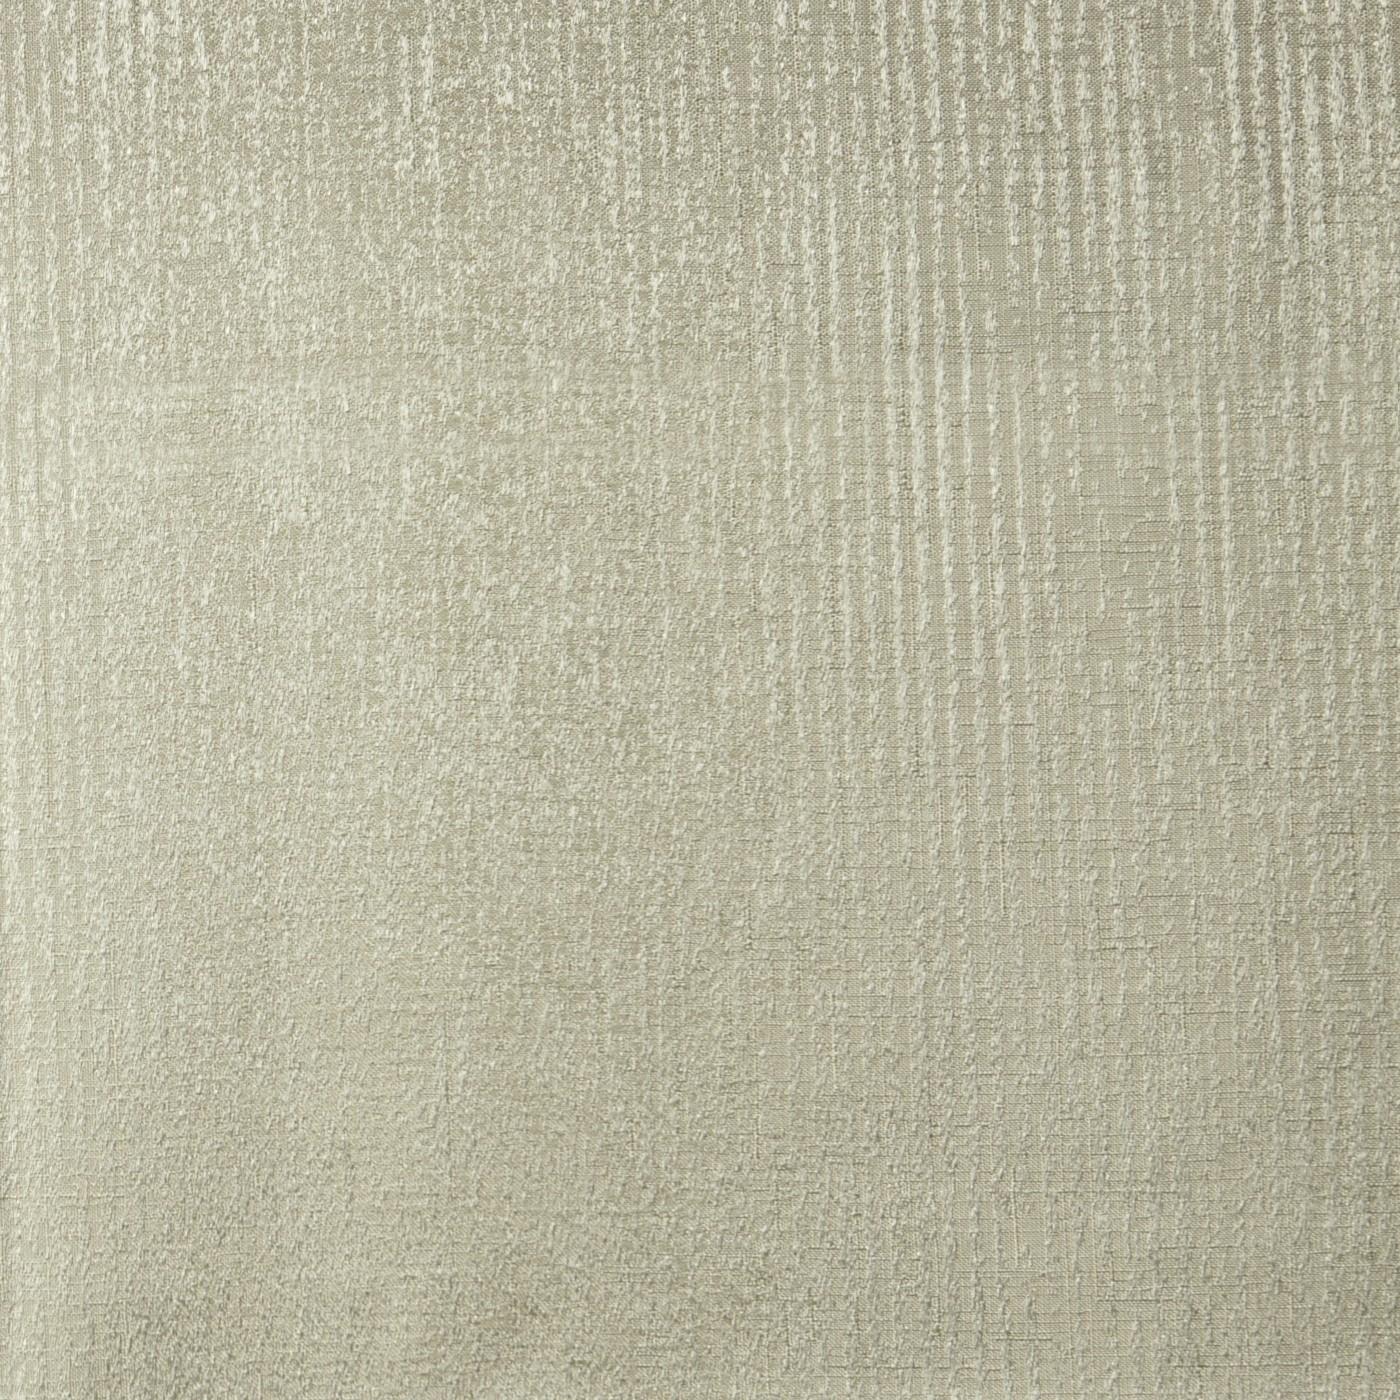 Surface Linen